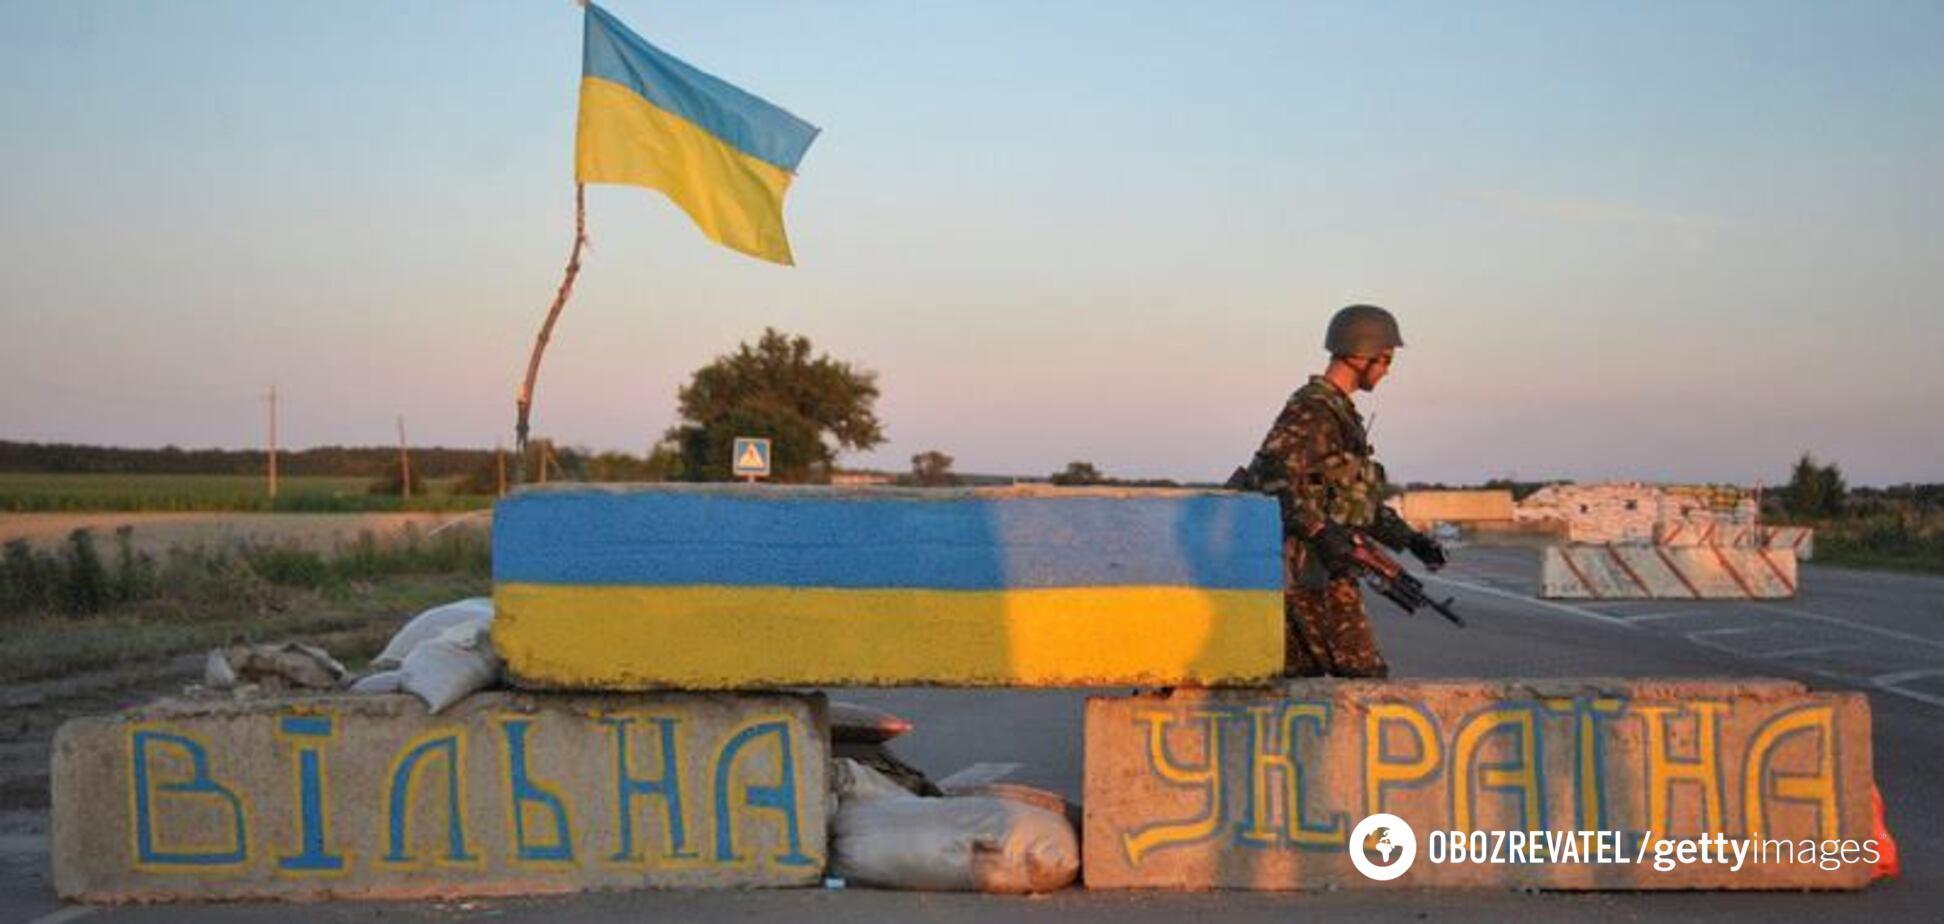 Деньги не помогут: АТОшник объяснил, что лучше реабилитирует бойцов